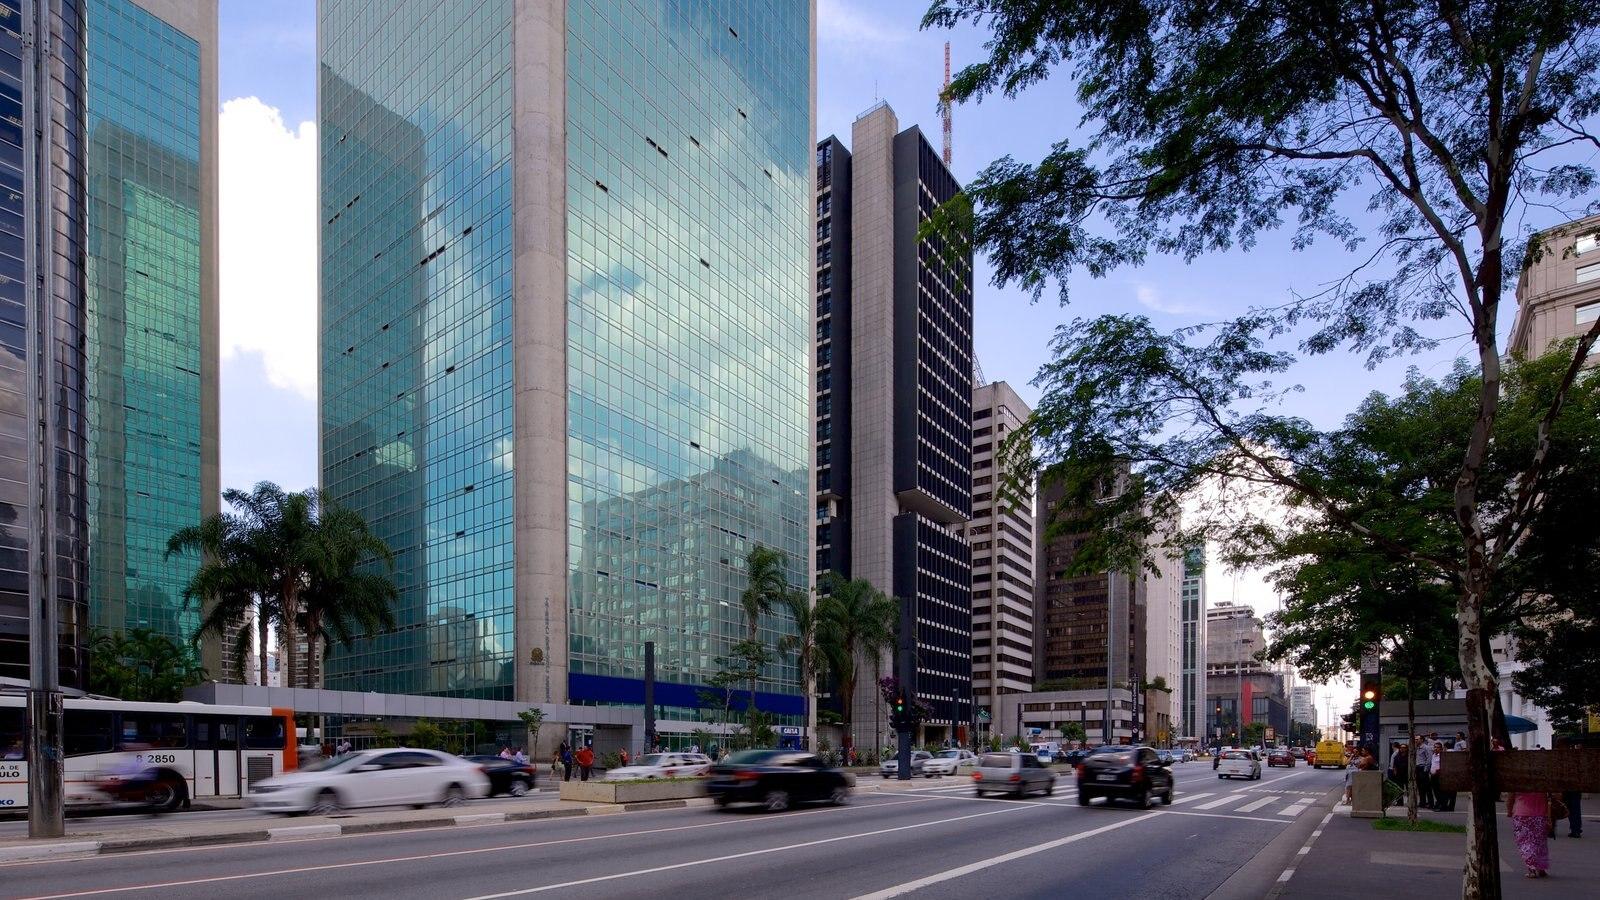 Avenida Paulista mostrando arquitetura moderna e uma cidade